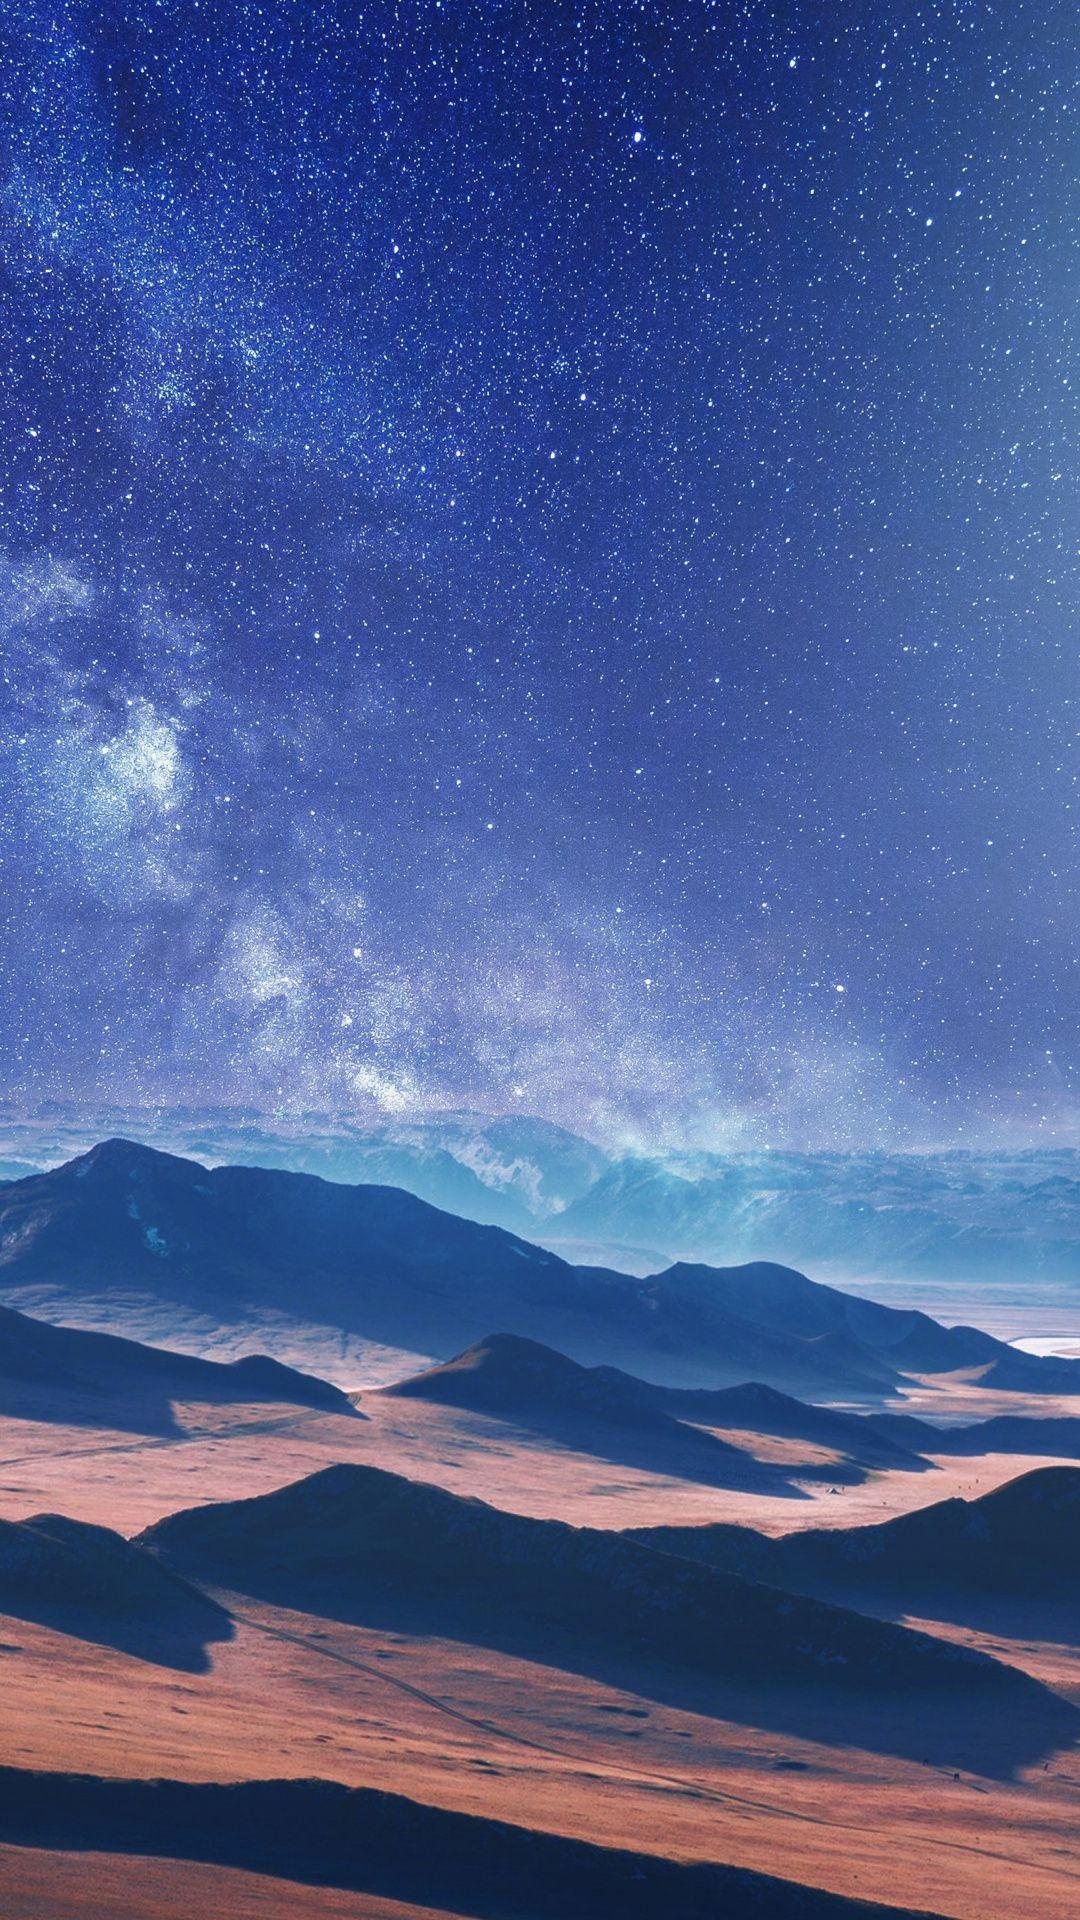 1080x1920 Moon Desert Landscape Night Nature Wallpaper Landscape Wallpaper Nature Wallpaper Milky Way